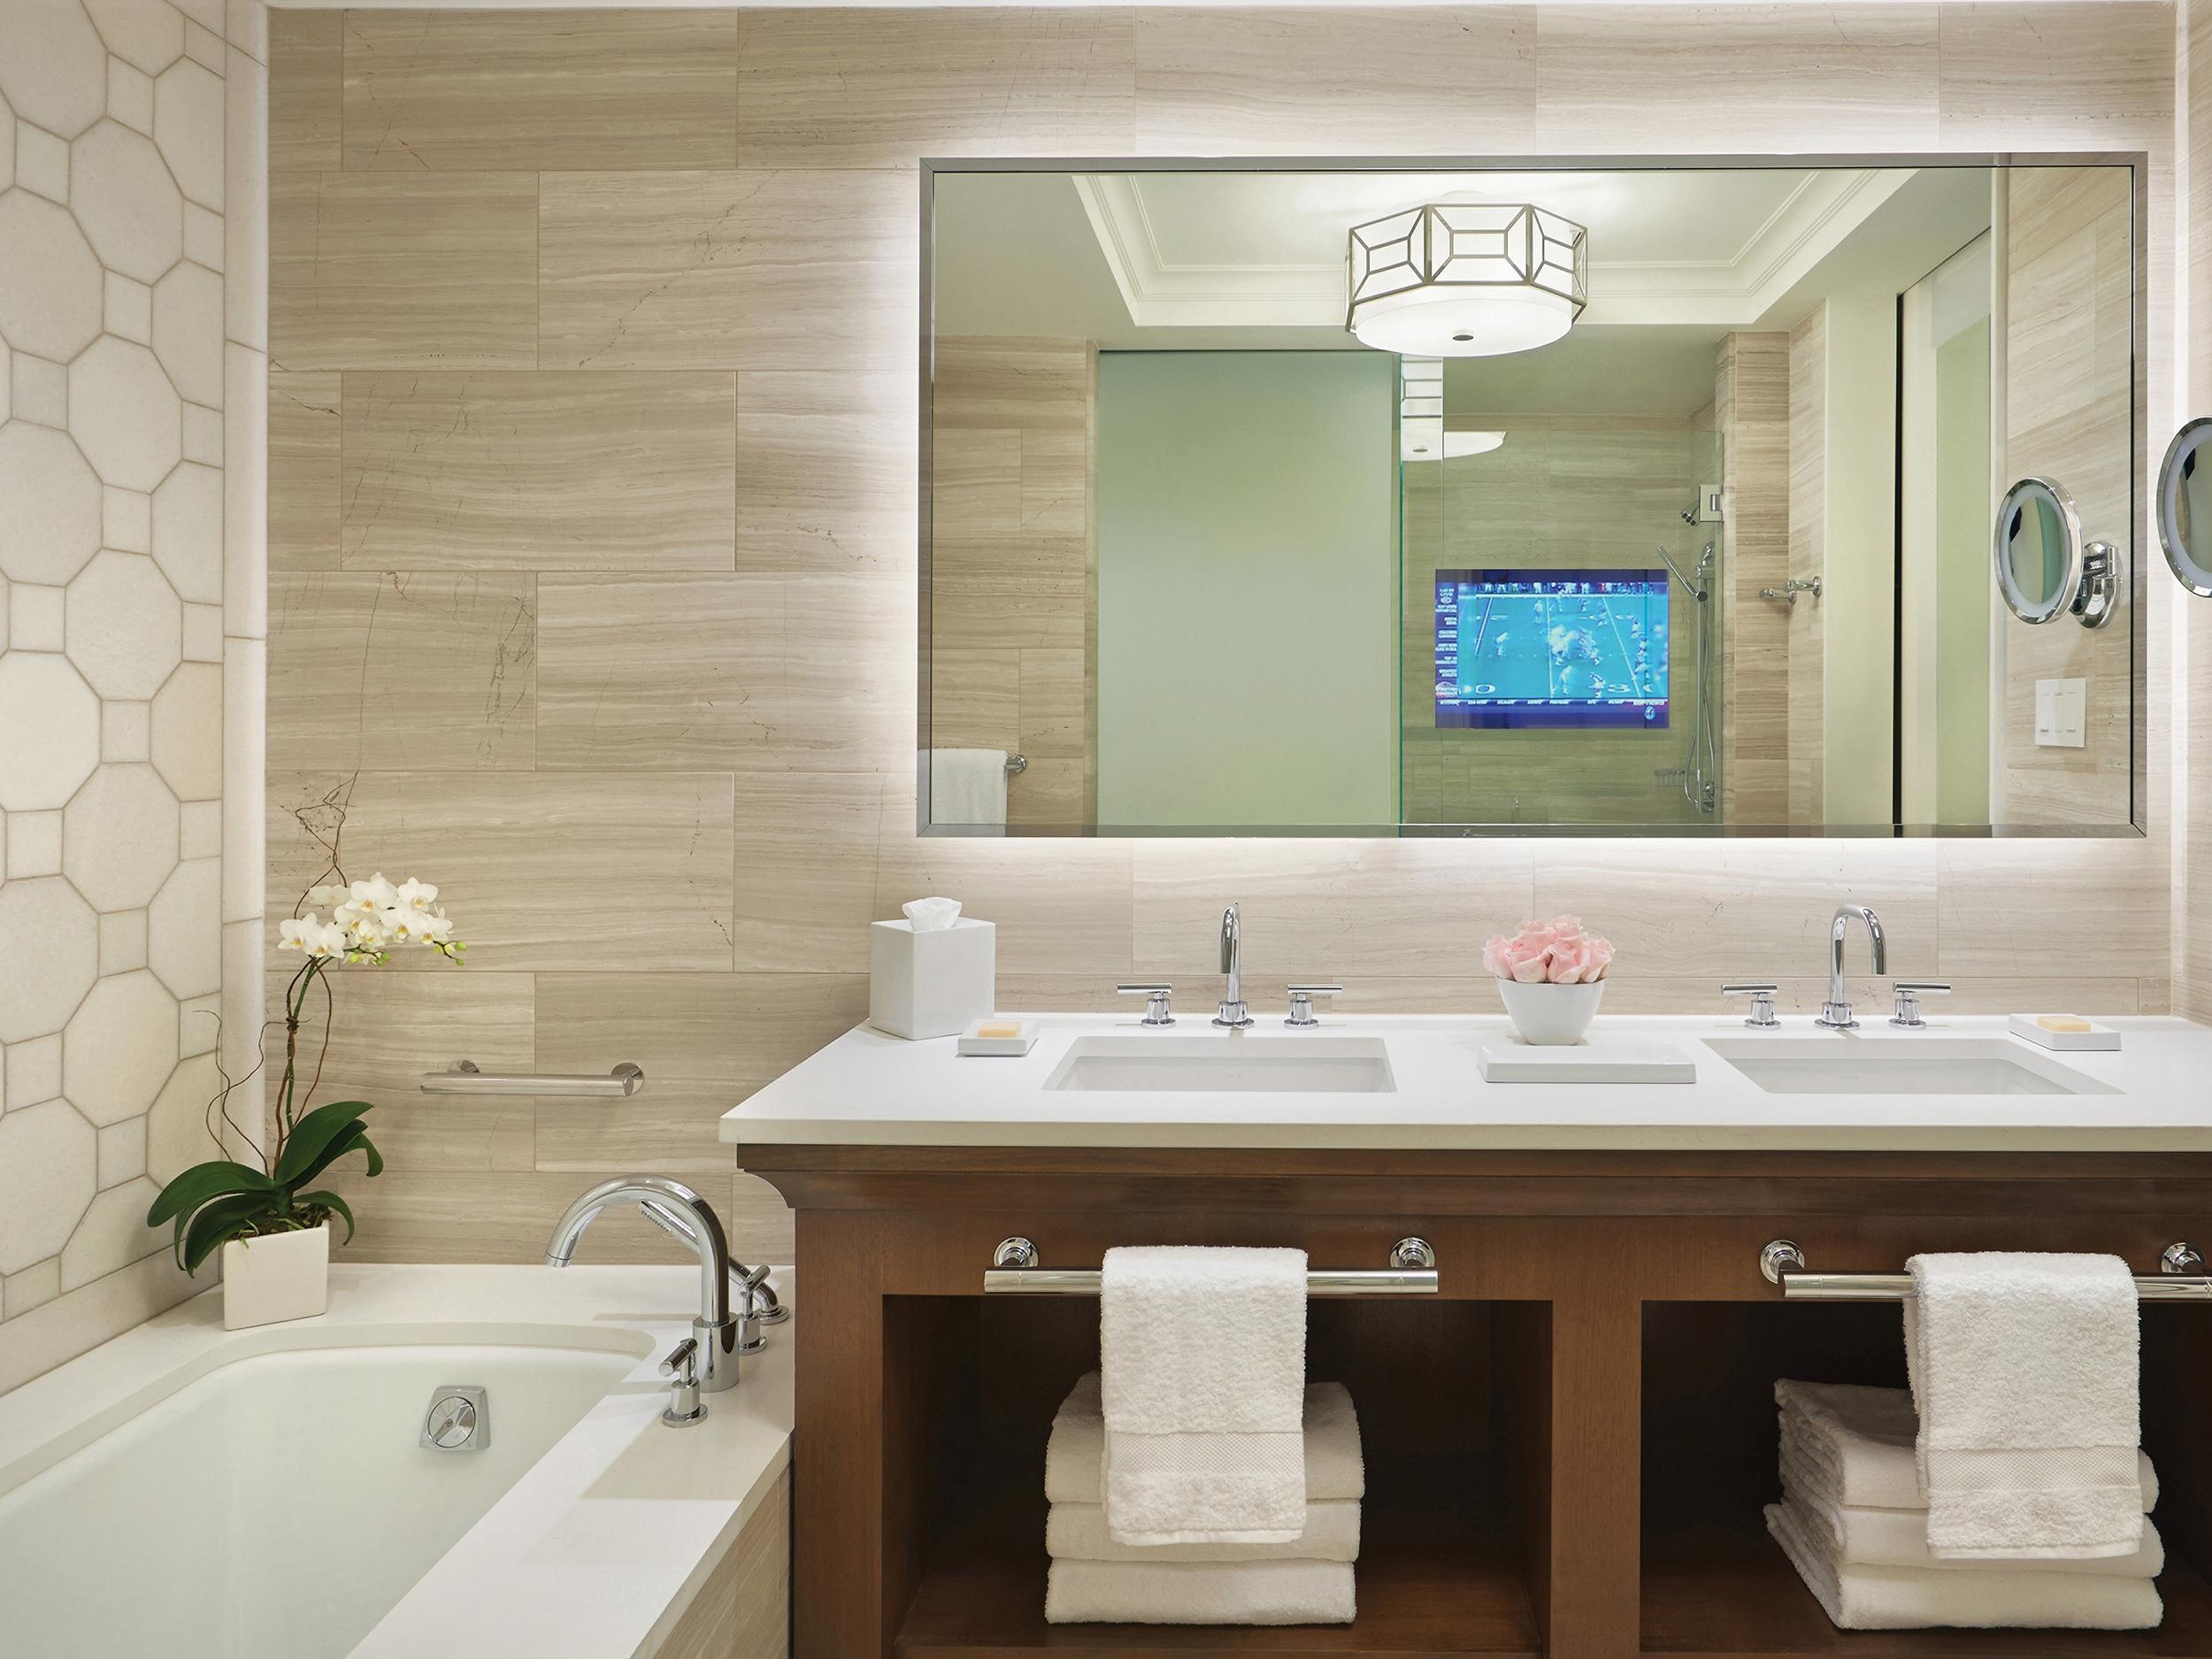 Four Seasons Orlando Guest Bathroom